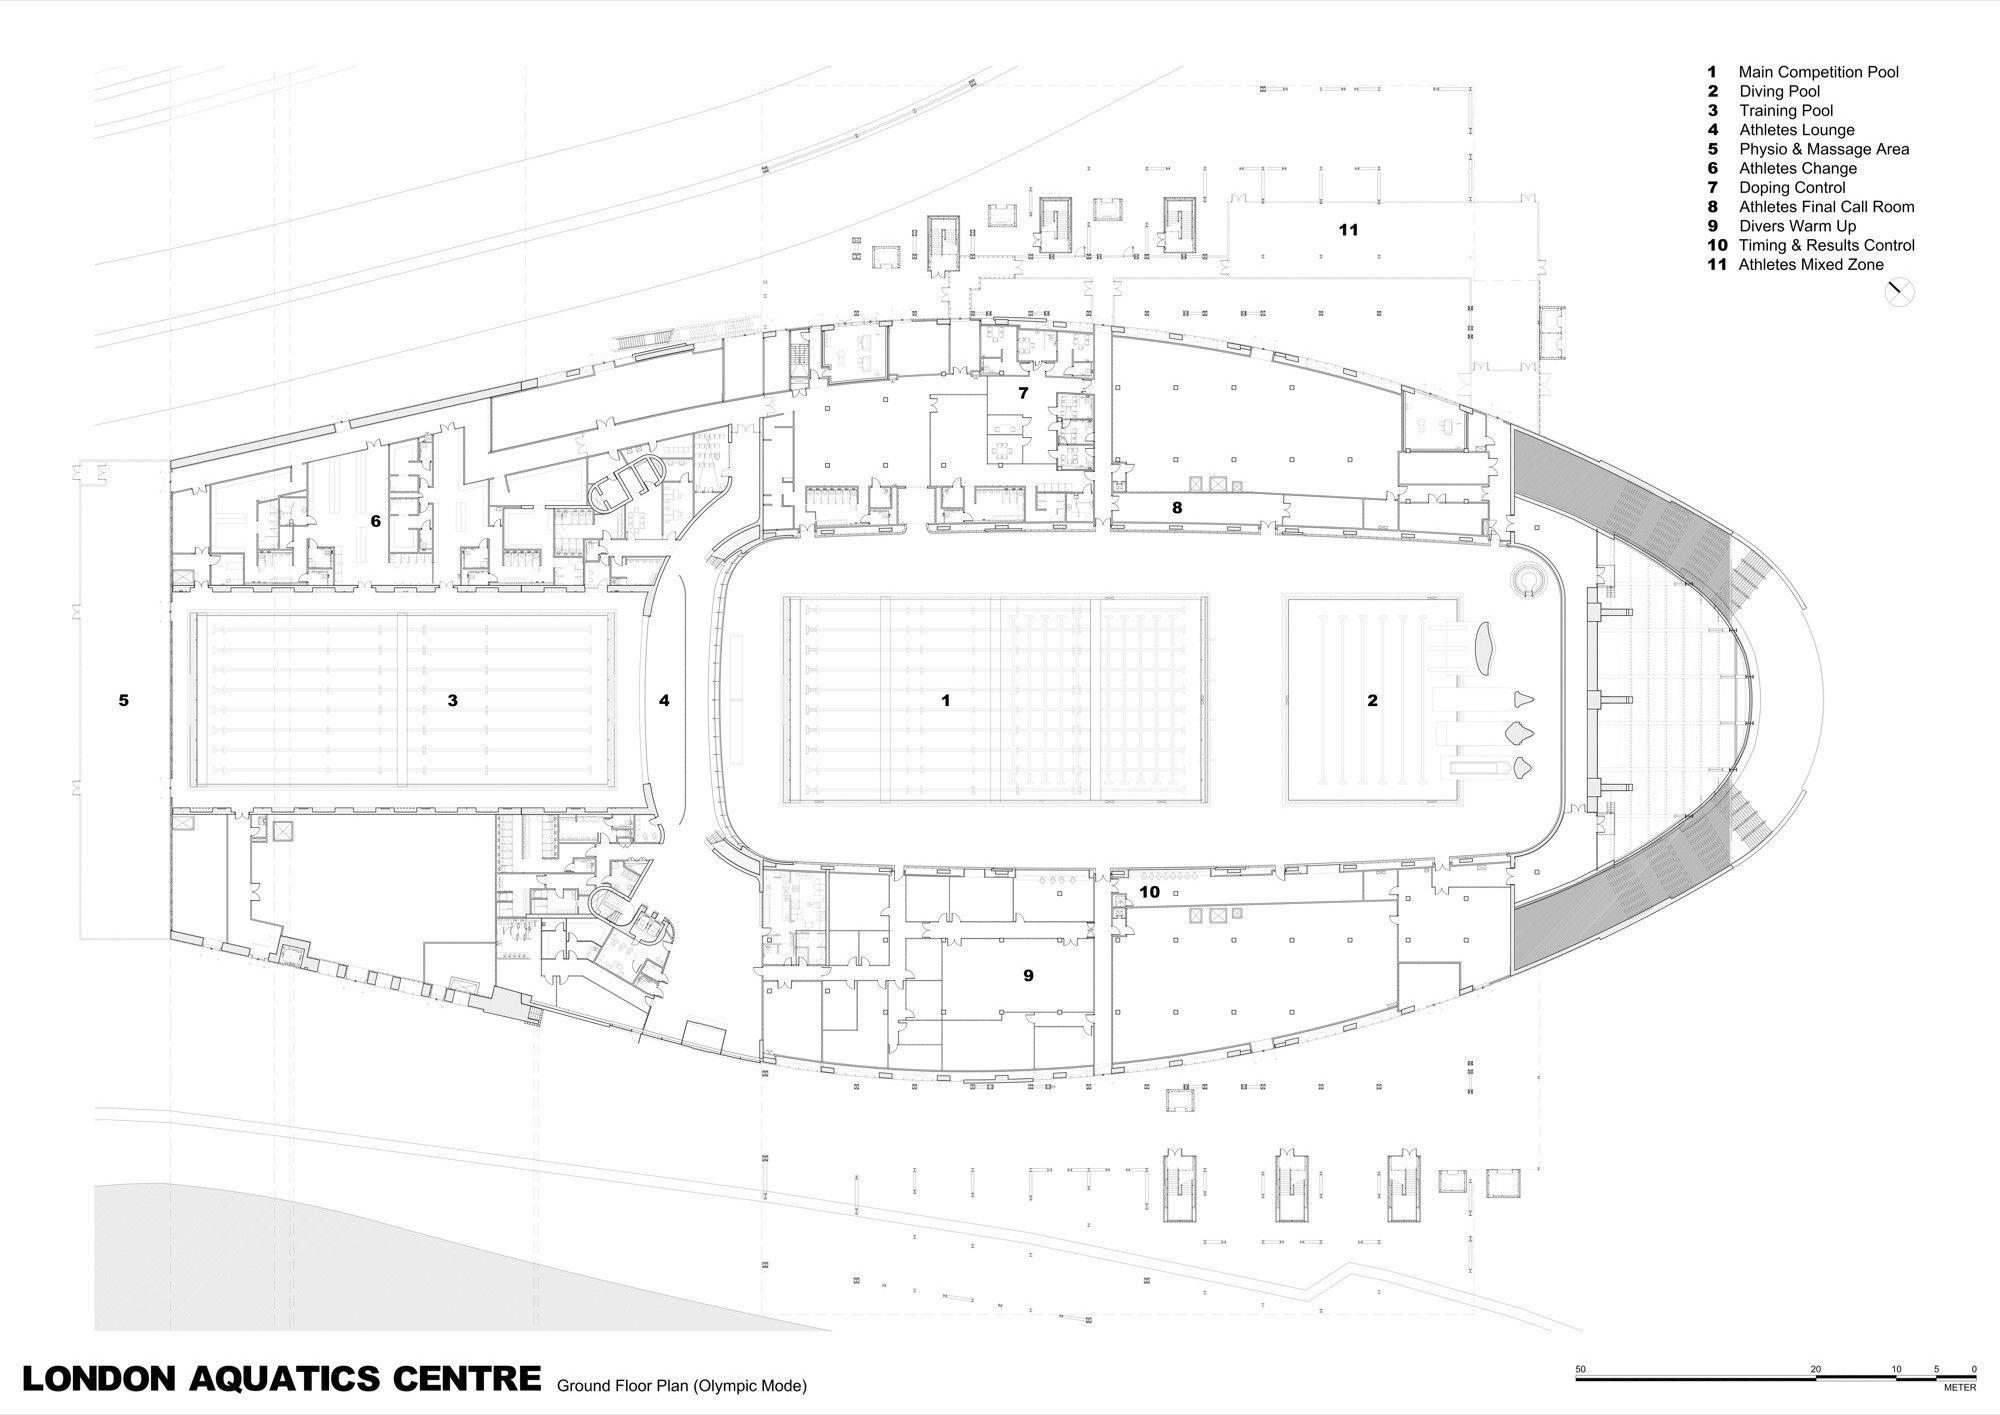 Gallery   London Aquatics Centre For 2012 Summer Olympics / Zaha Hadid  Architects   59